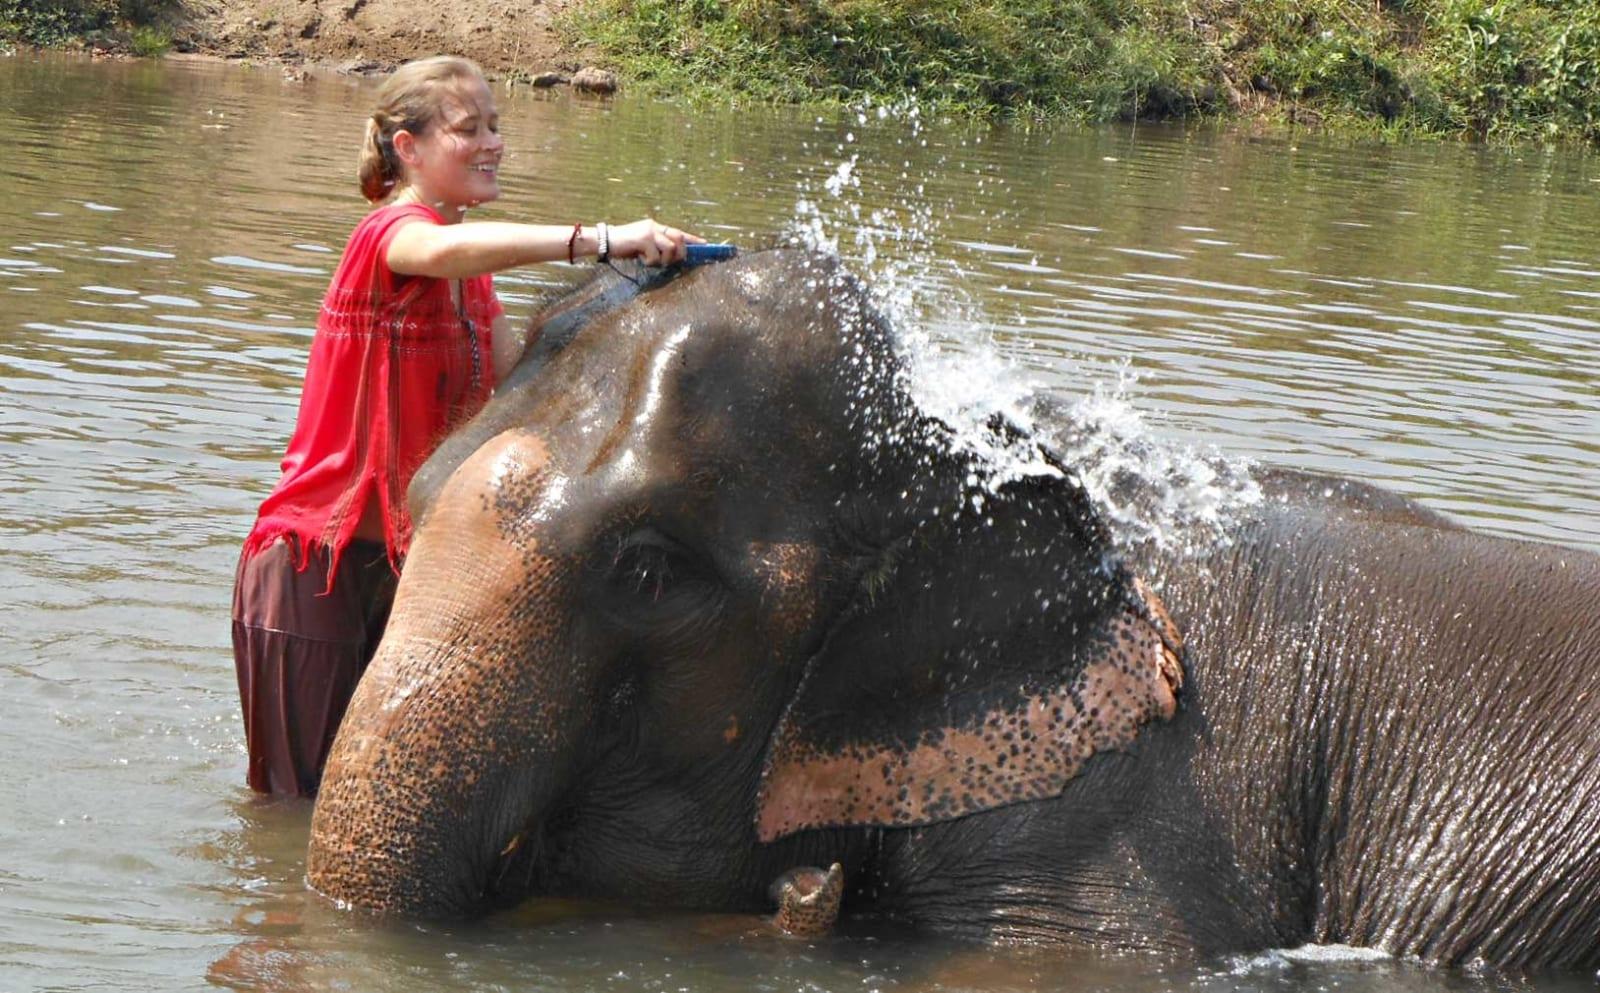 Southwestern University student and elephant